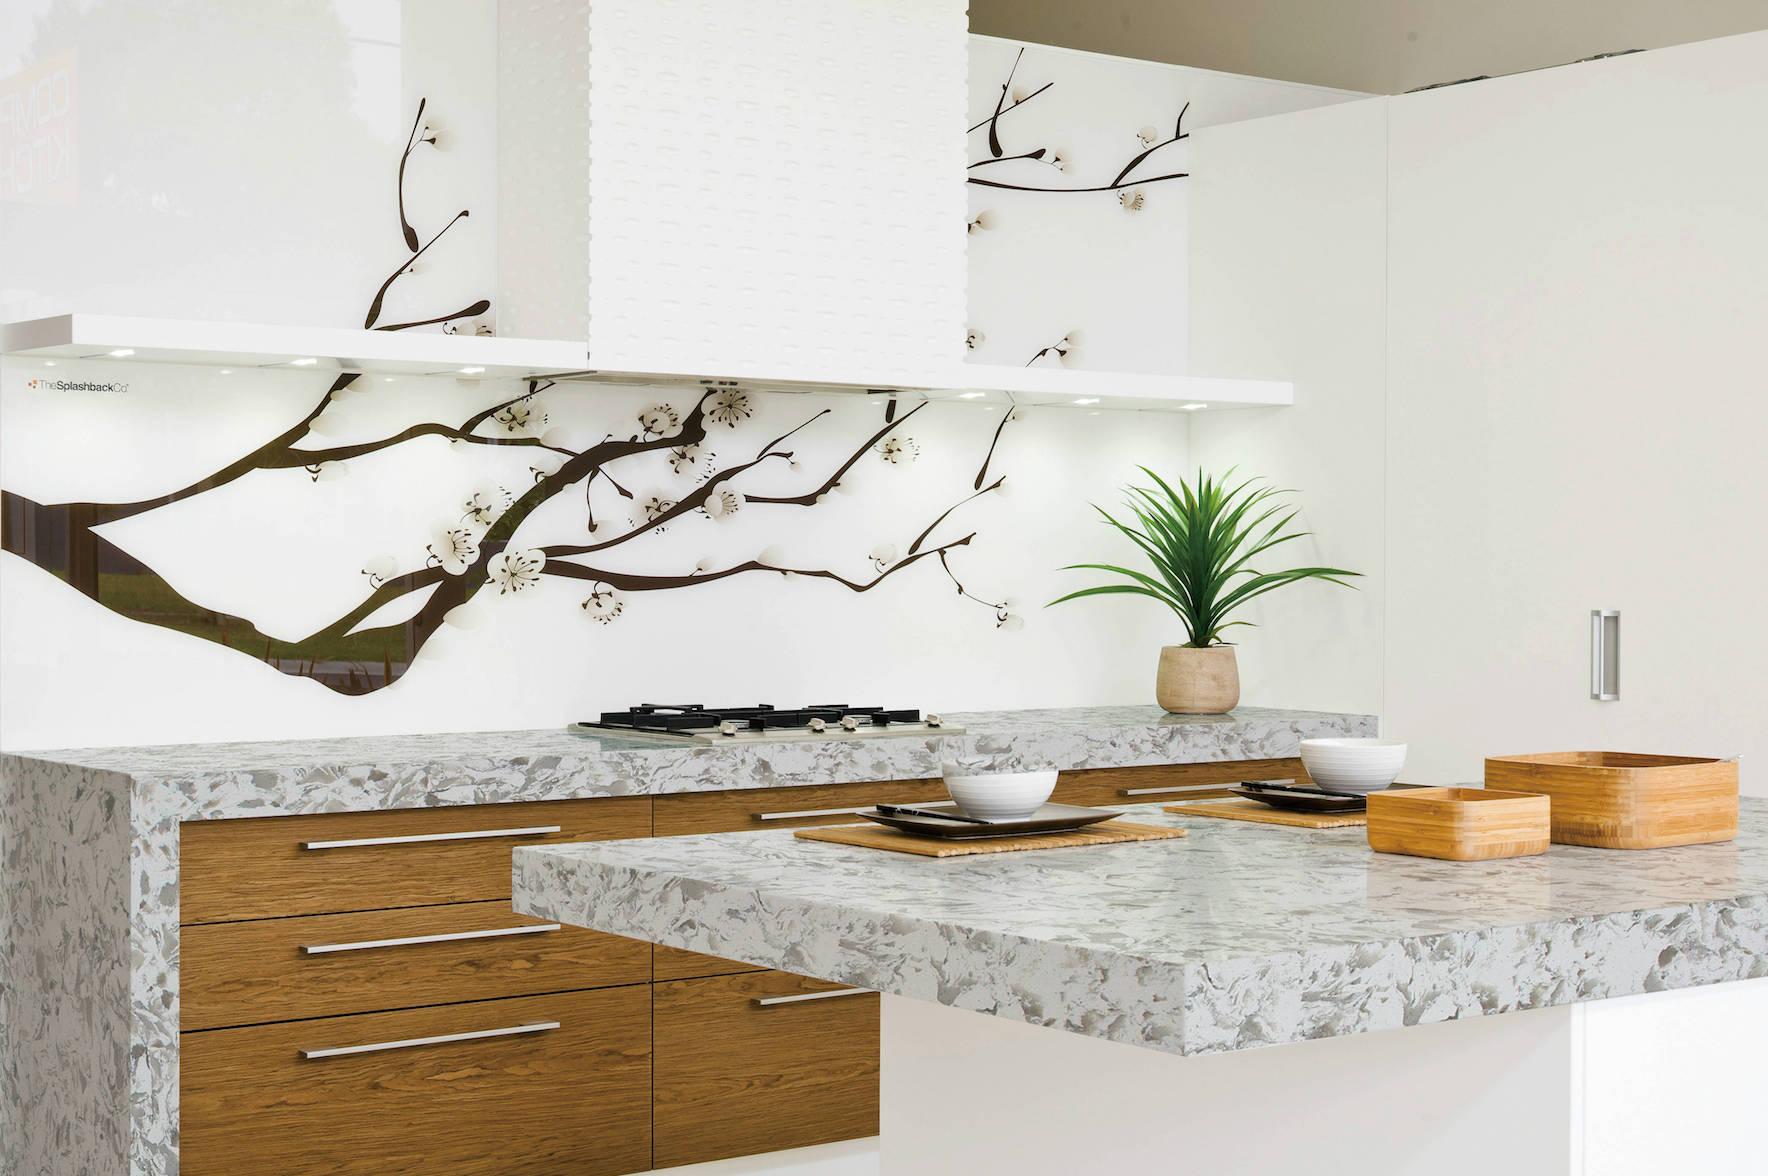 рисунки на кухне в эко-стиле